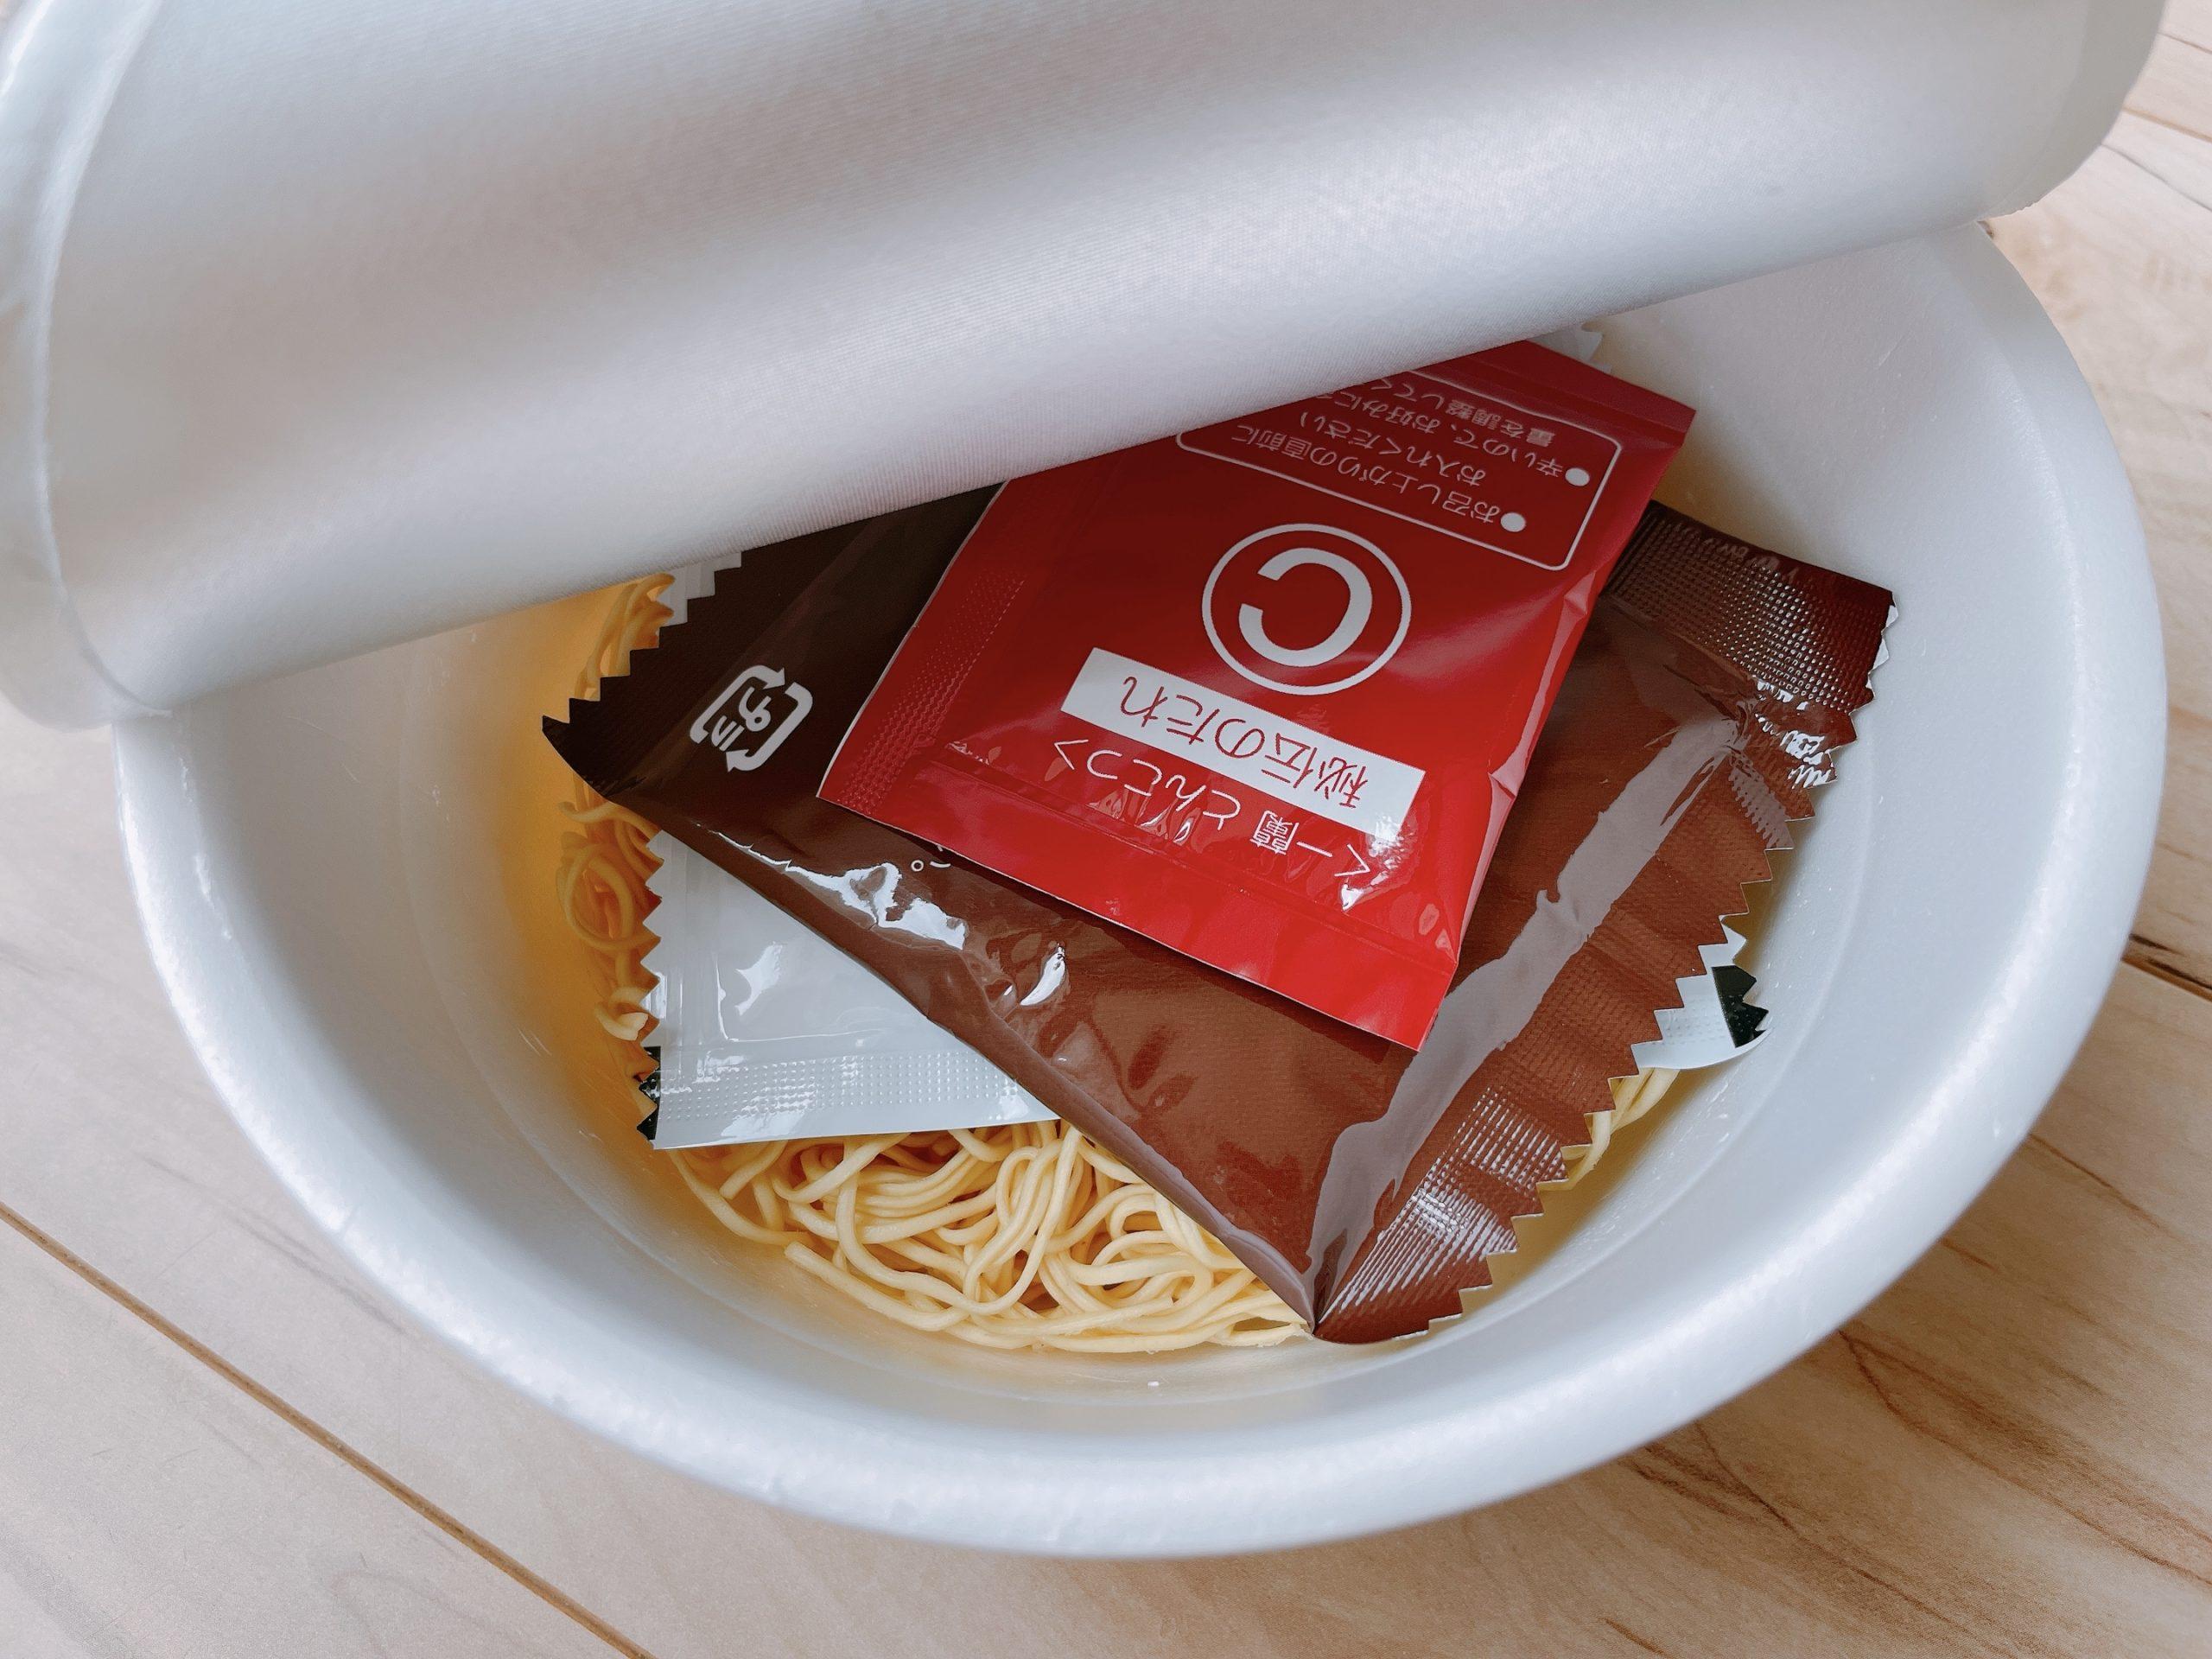 一蘭カップ麺の中身